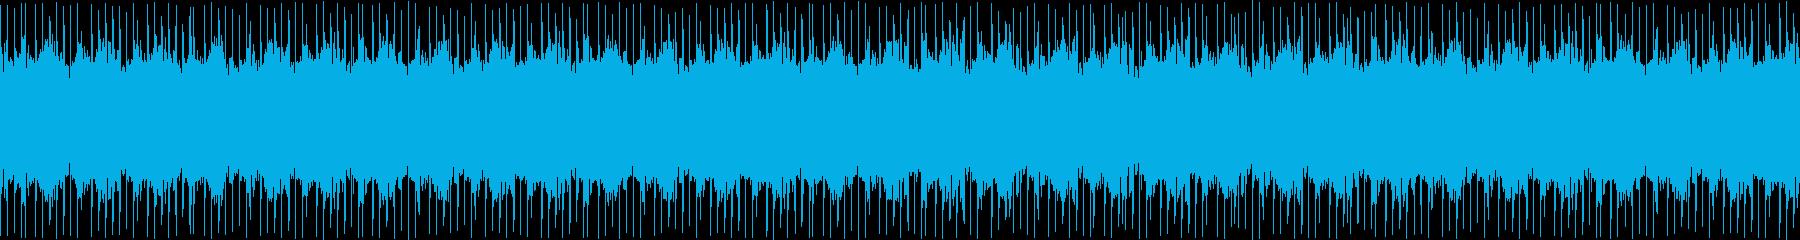 ダイナミックで壮大なスローダウンビートの再生済みの波形